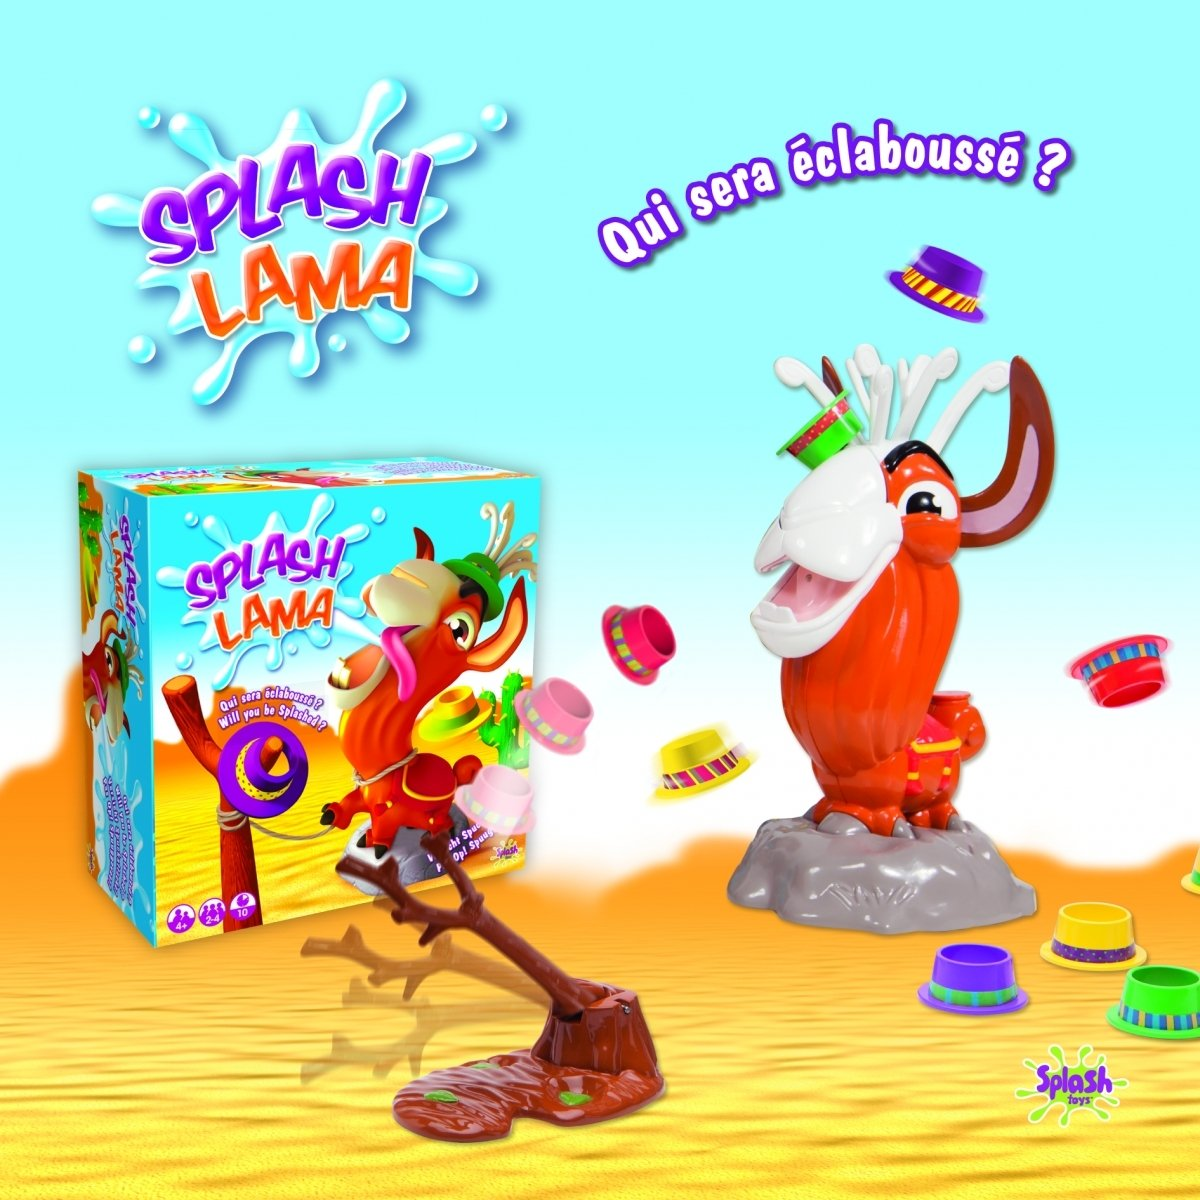 Электронная игра Splash Toys Строптивая лама фото 4